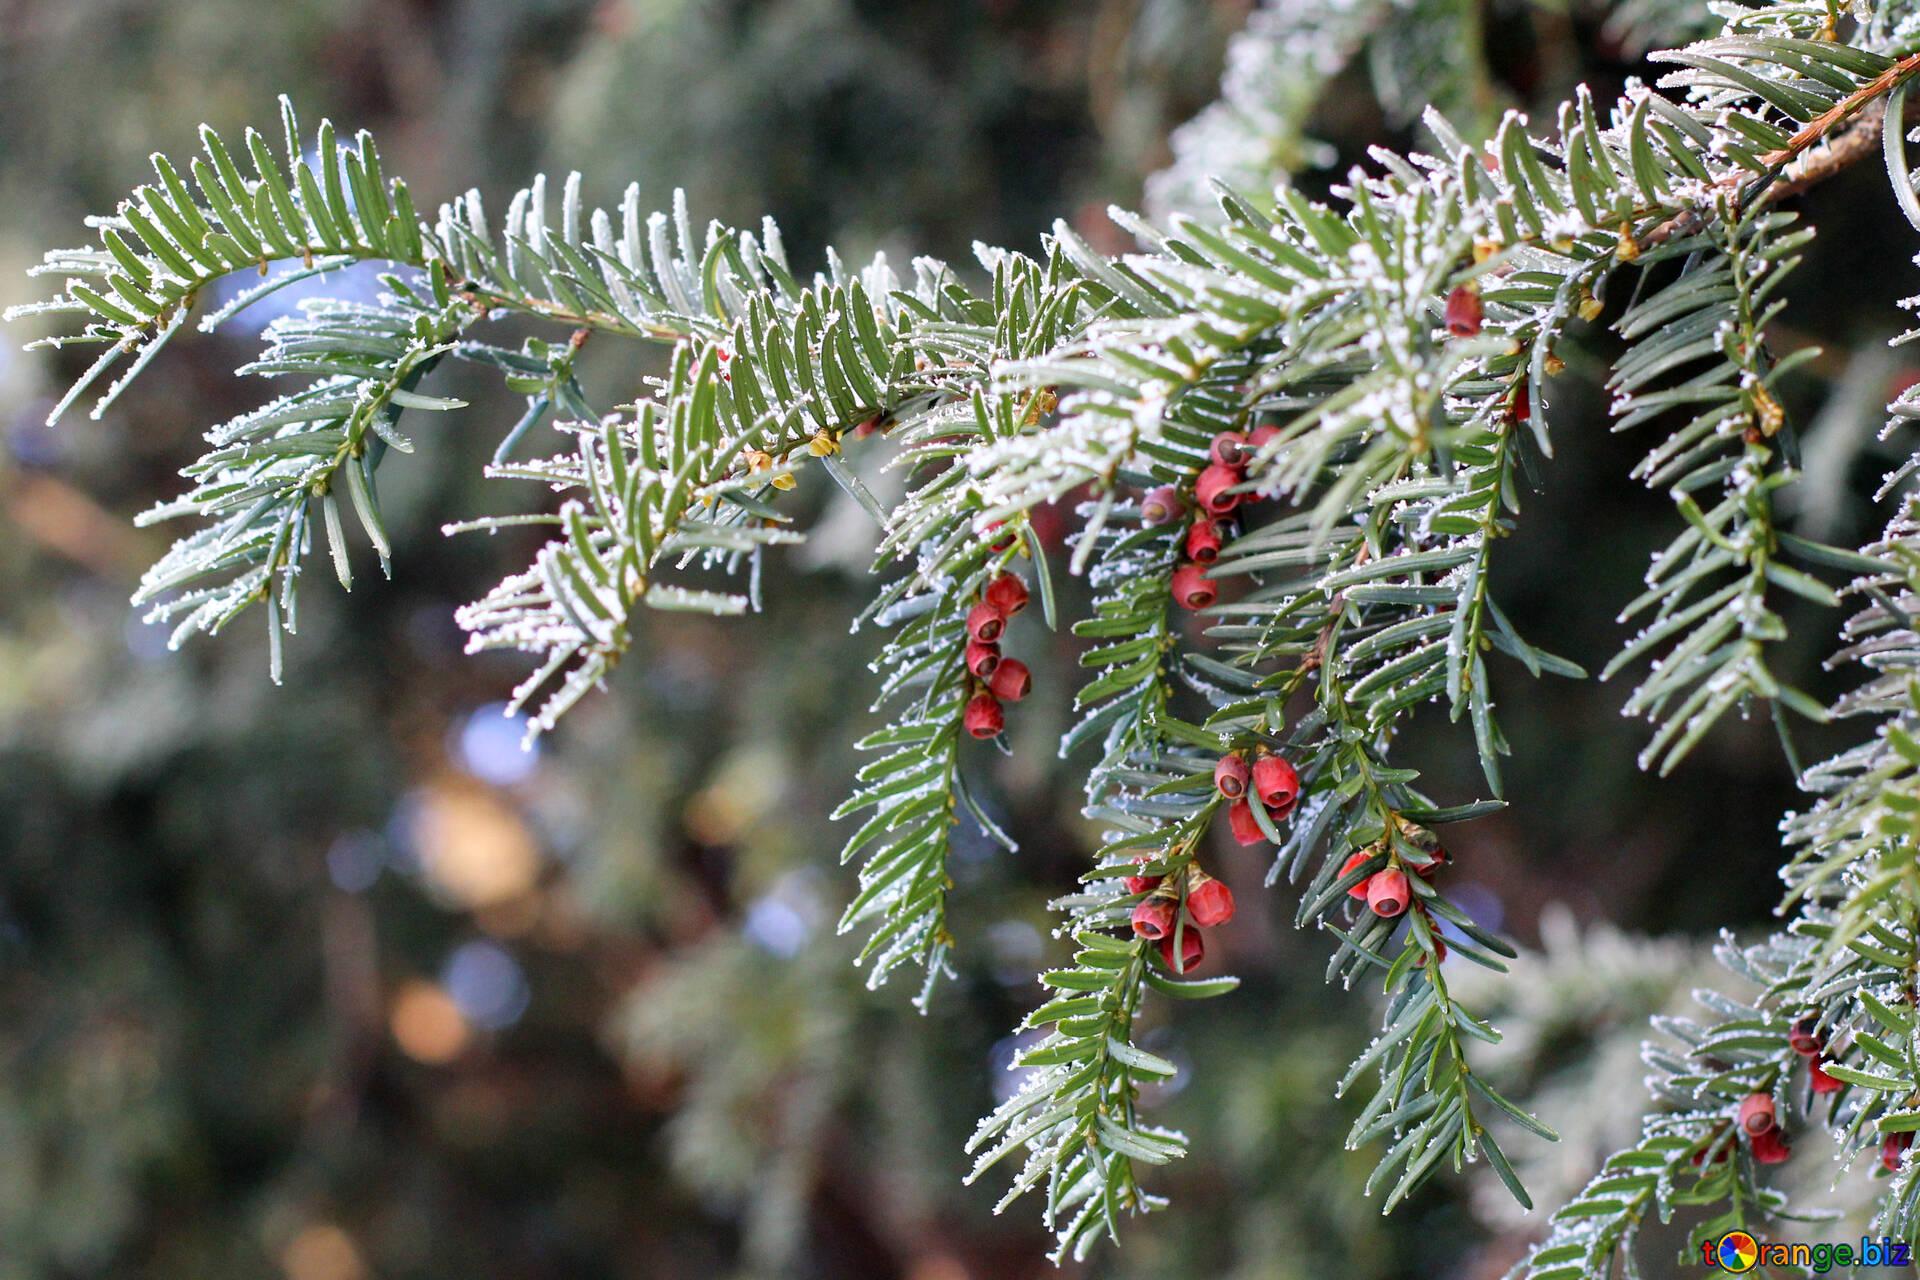 Albero Con Bacche Rosse fir-ago un albero di pino con bacche rosse aghi di pino № 51435